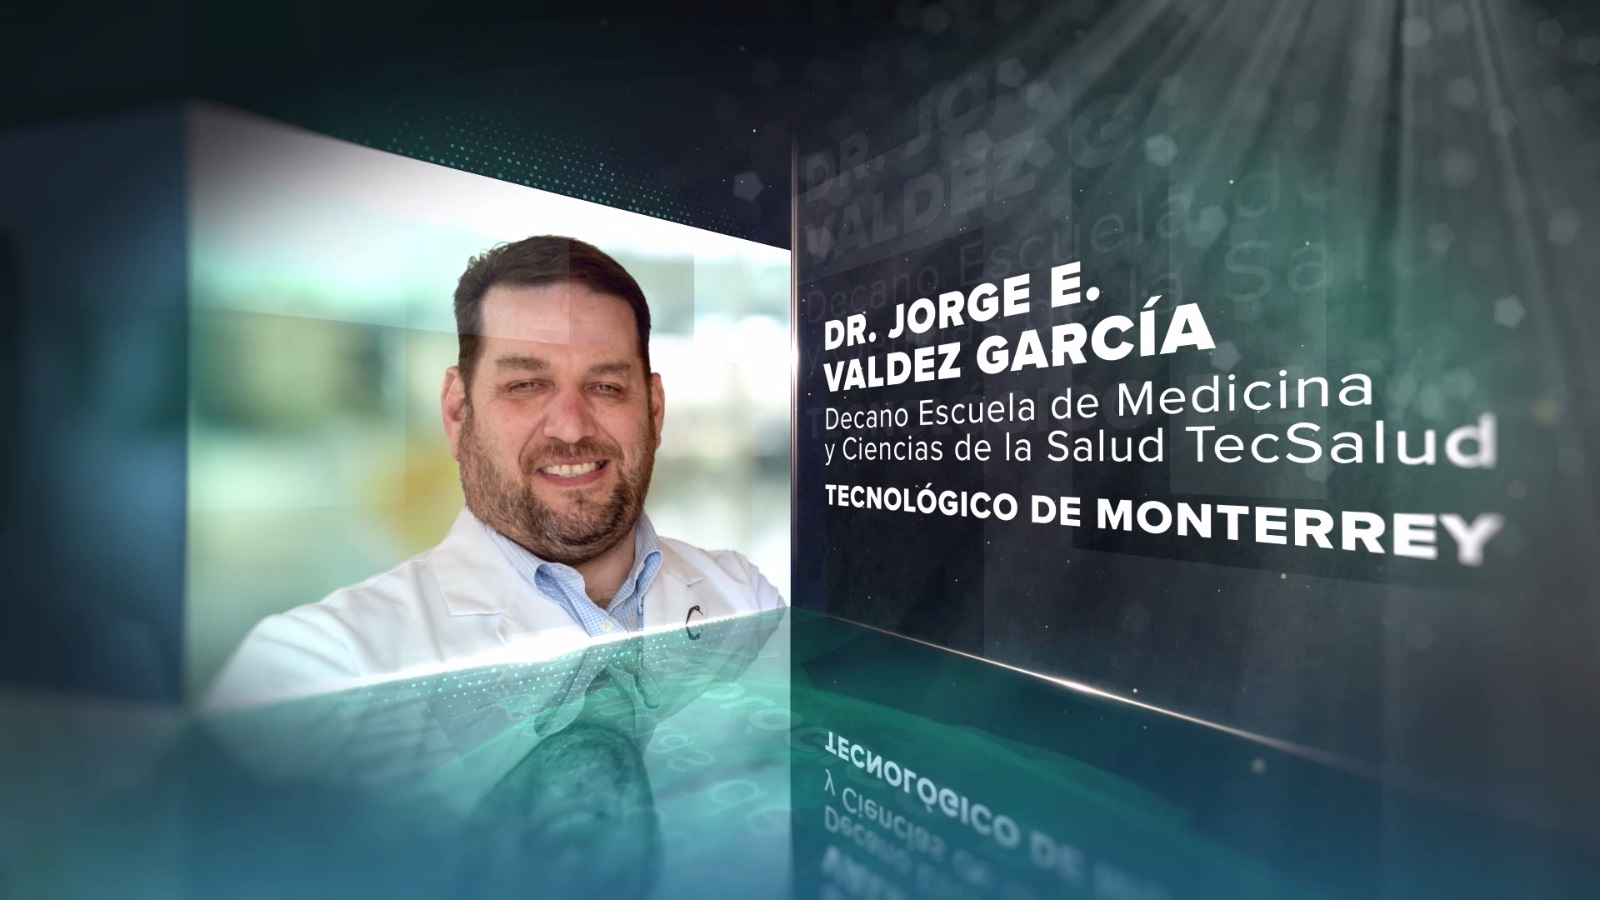 EVENTO 4.4 - Las nuevas competencias en salud. El reto de la salud digital - DR. JORGE E. VALDEZ GARCÍA - TECNOLÓGICO DE MONTERREY